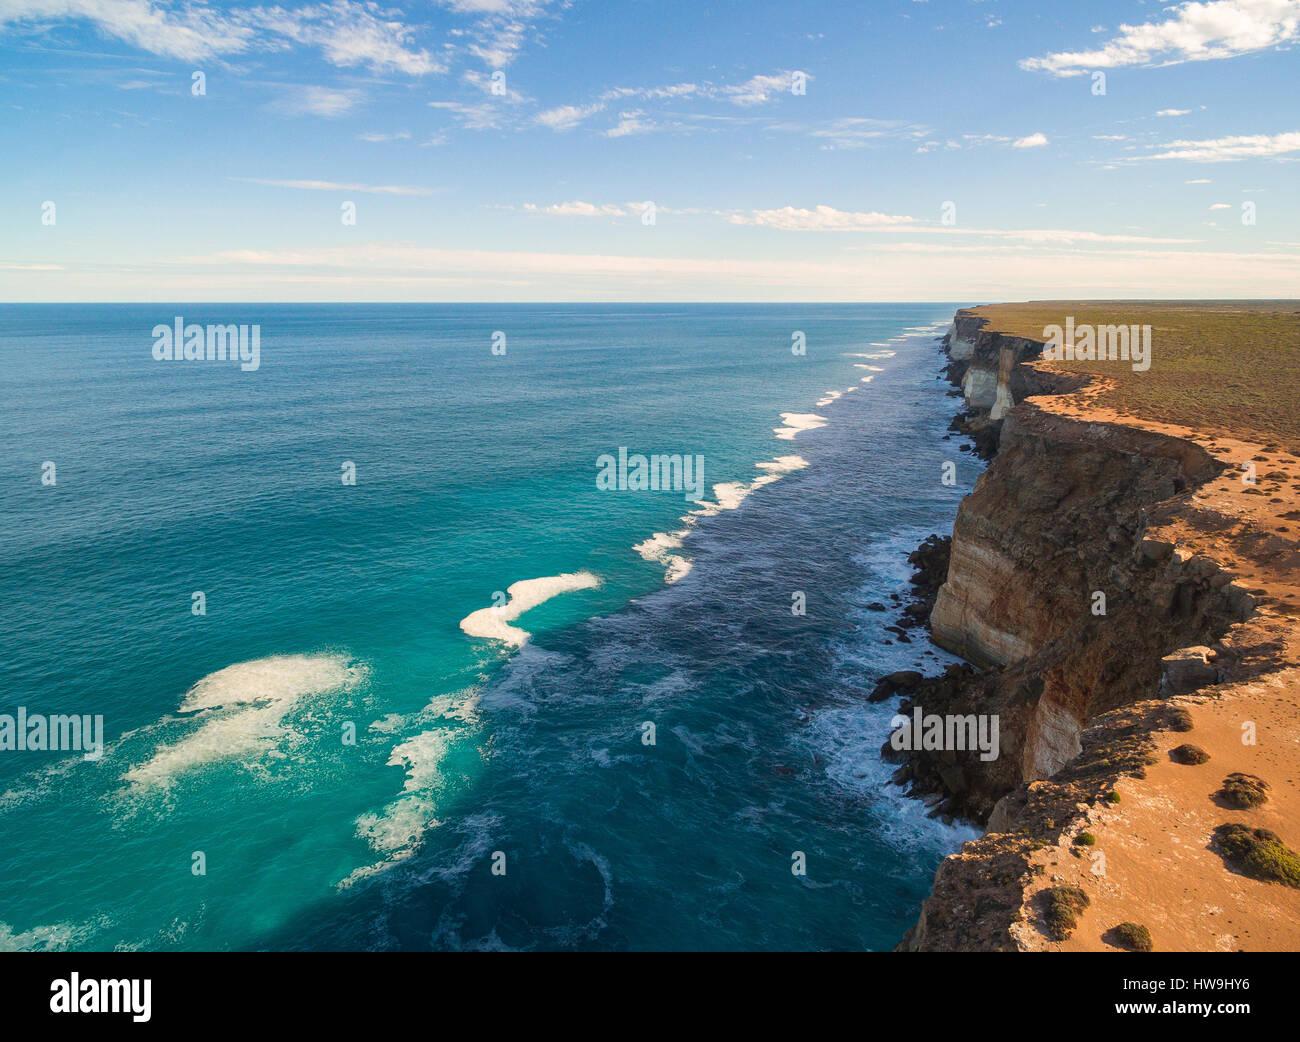 La Gran Bahía Australiana - Acantilados Bunda - llanuras de Nullarbor, en Australia del Sur Imagen De Stock